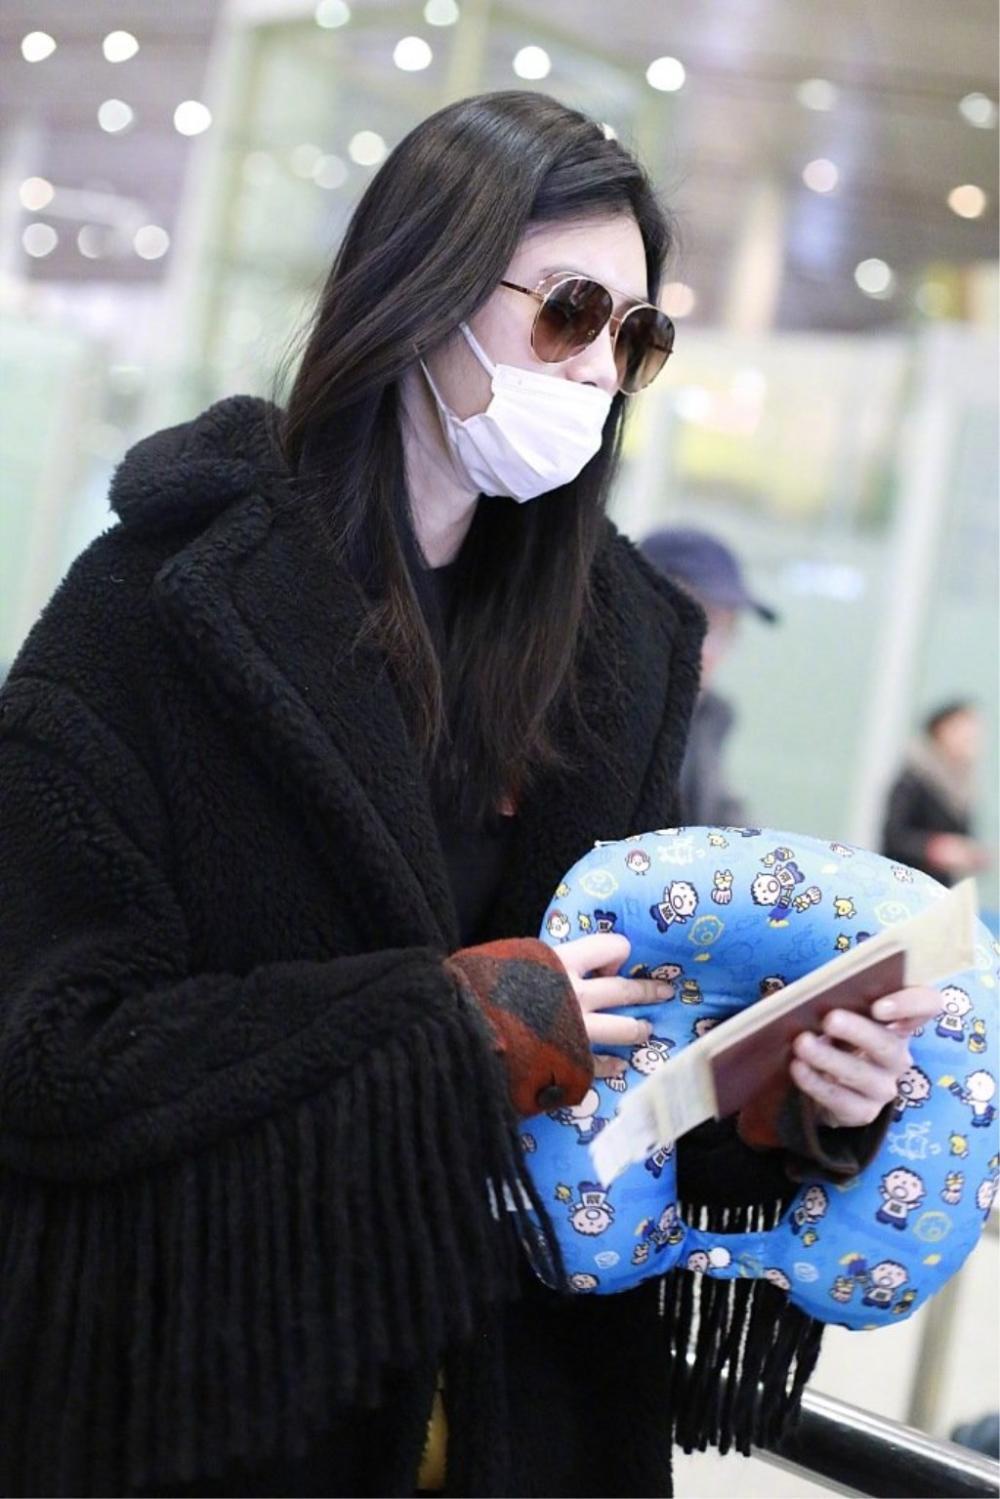 今年冬天,泰迪熊大衣大流行时髦又温暖,连超模们都超爱穿!